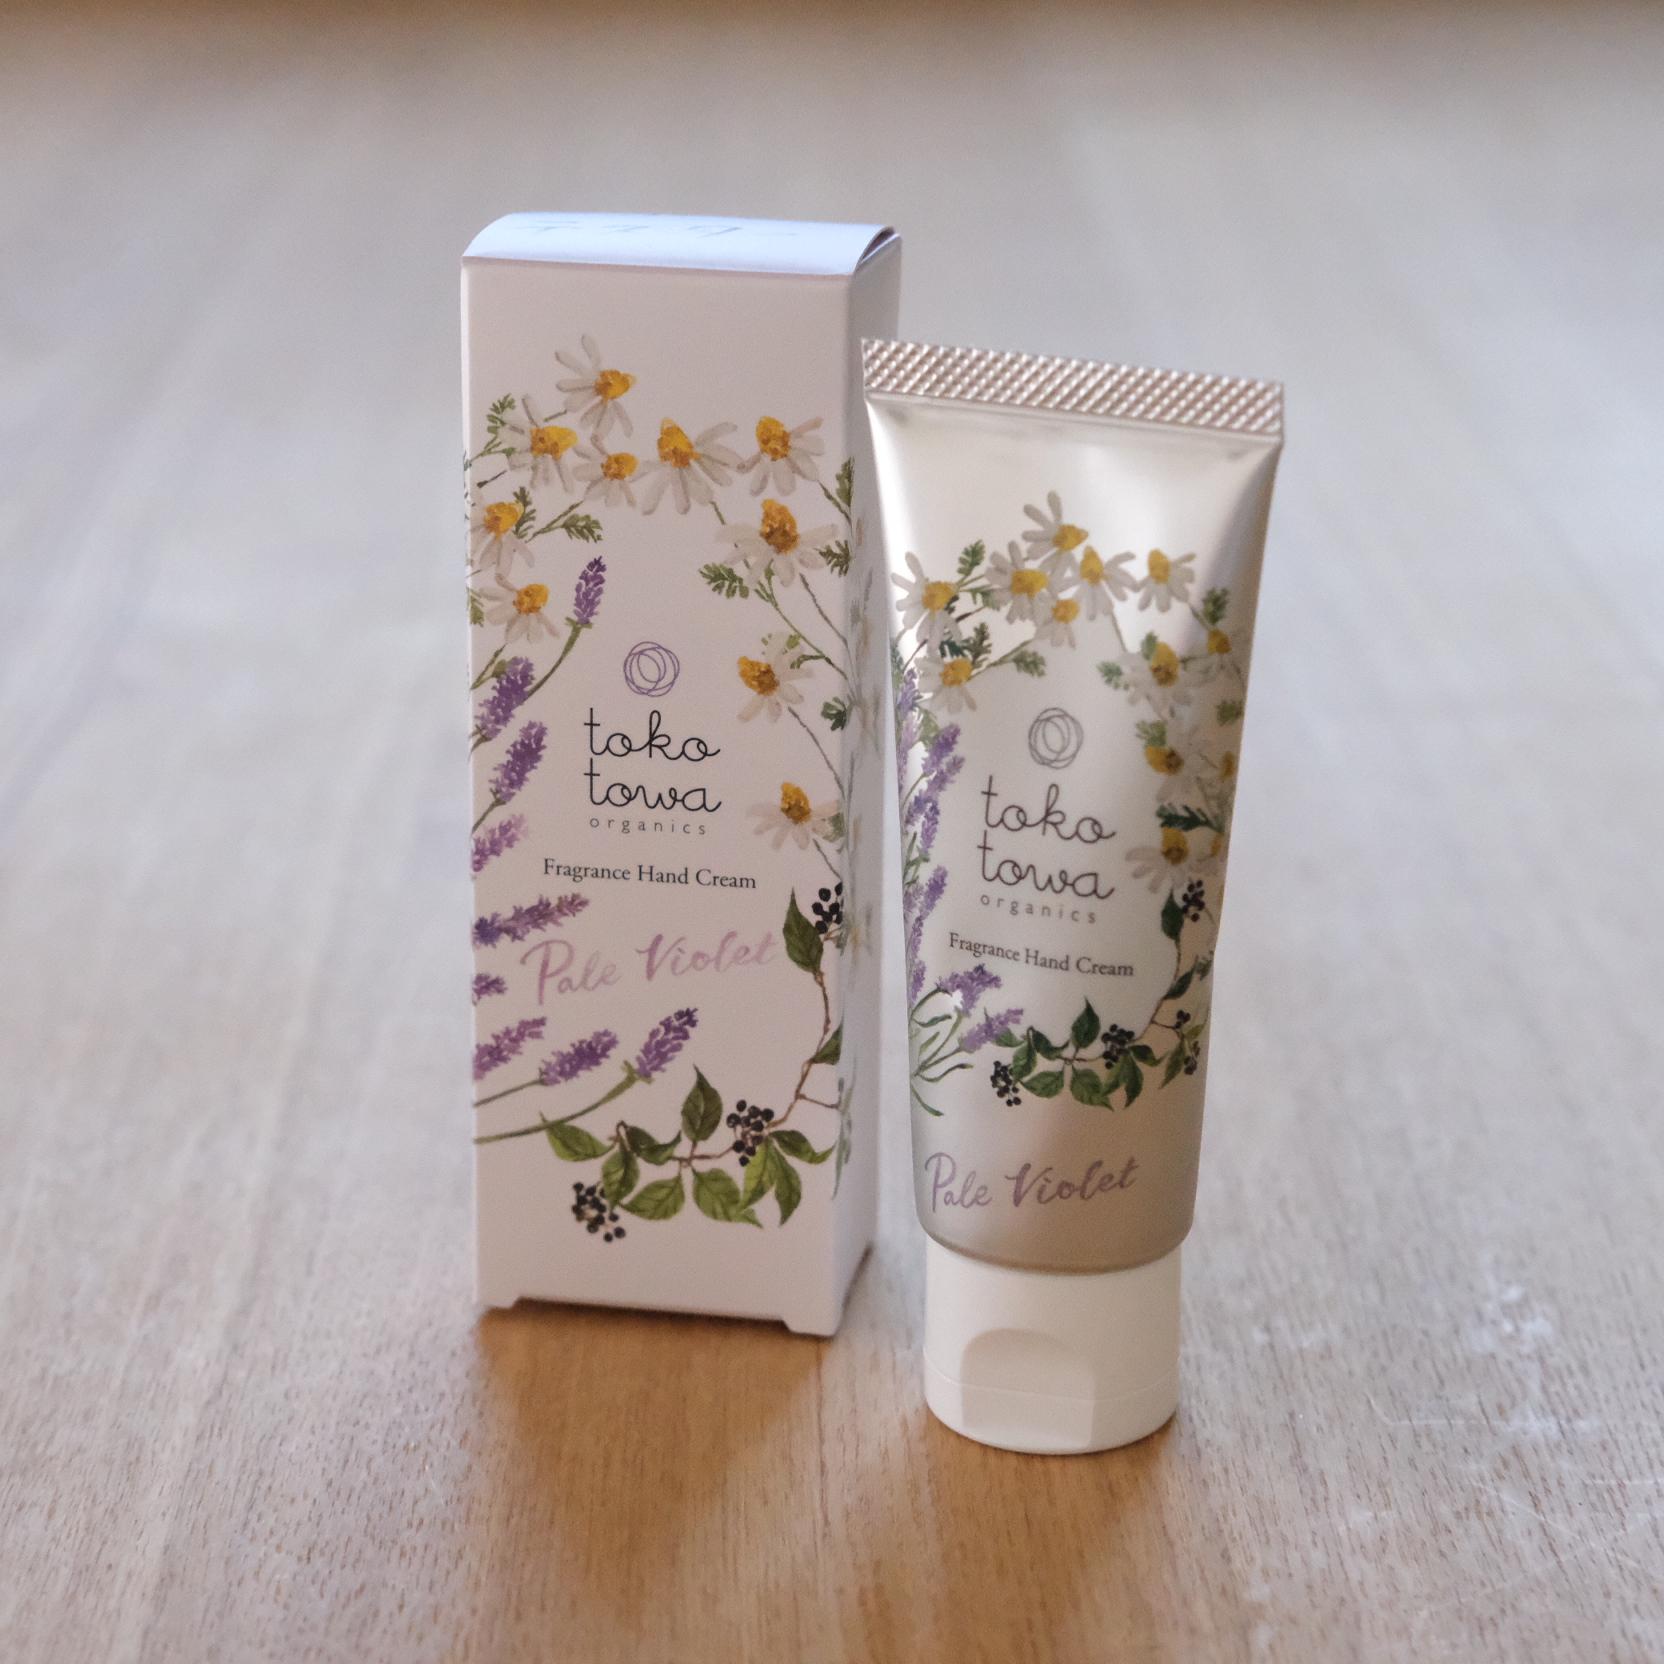 tokotowa organics フレグランスハンドクリーム ペールバイオレット ~ラベンダーとカモミールの香り~